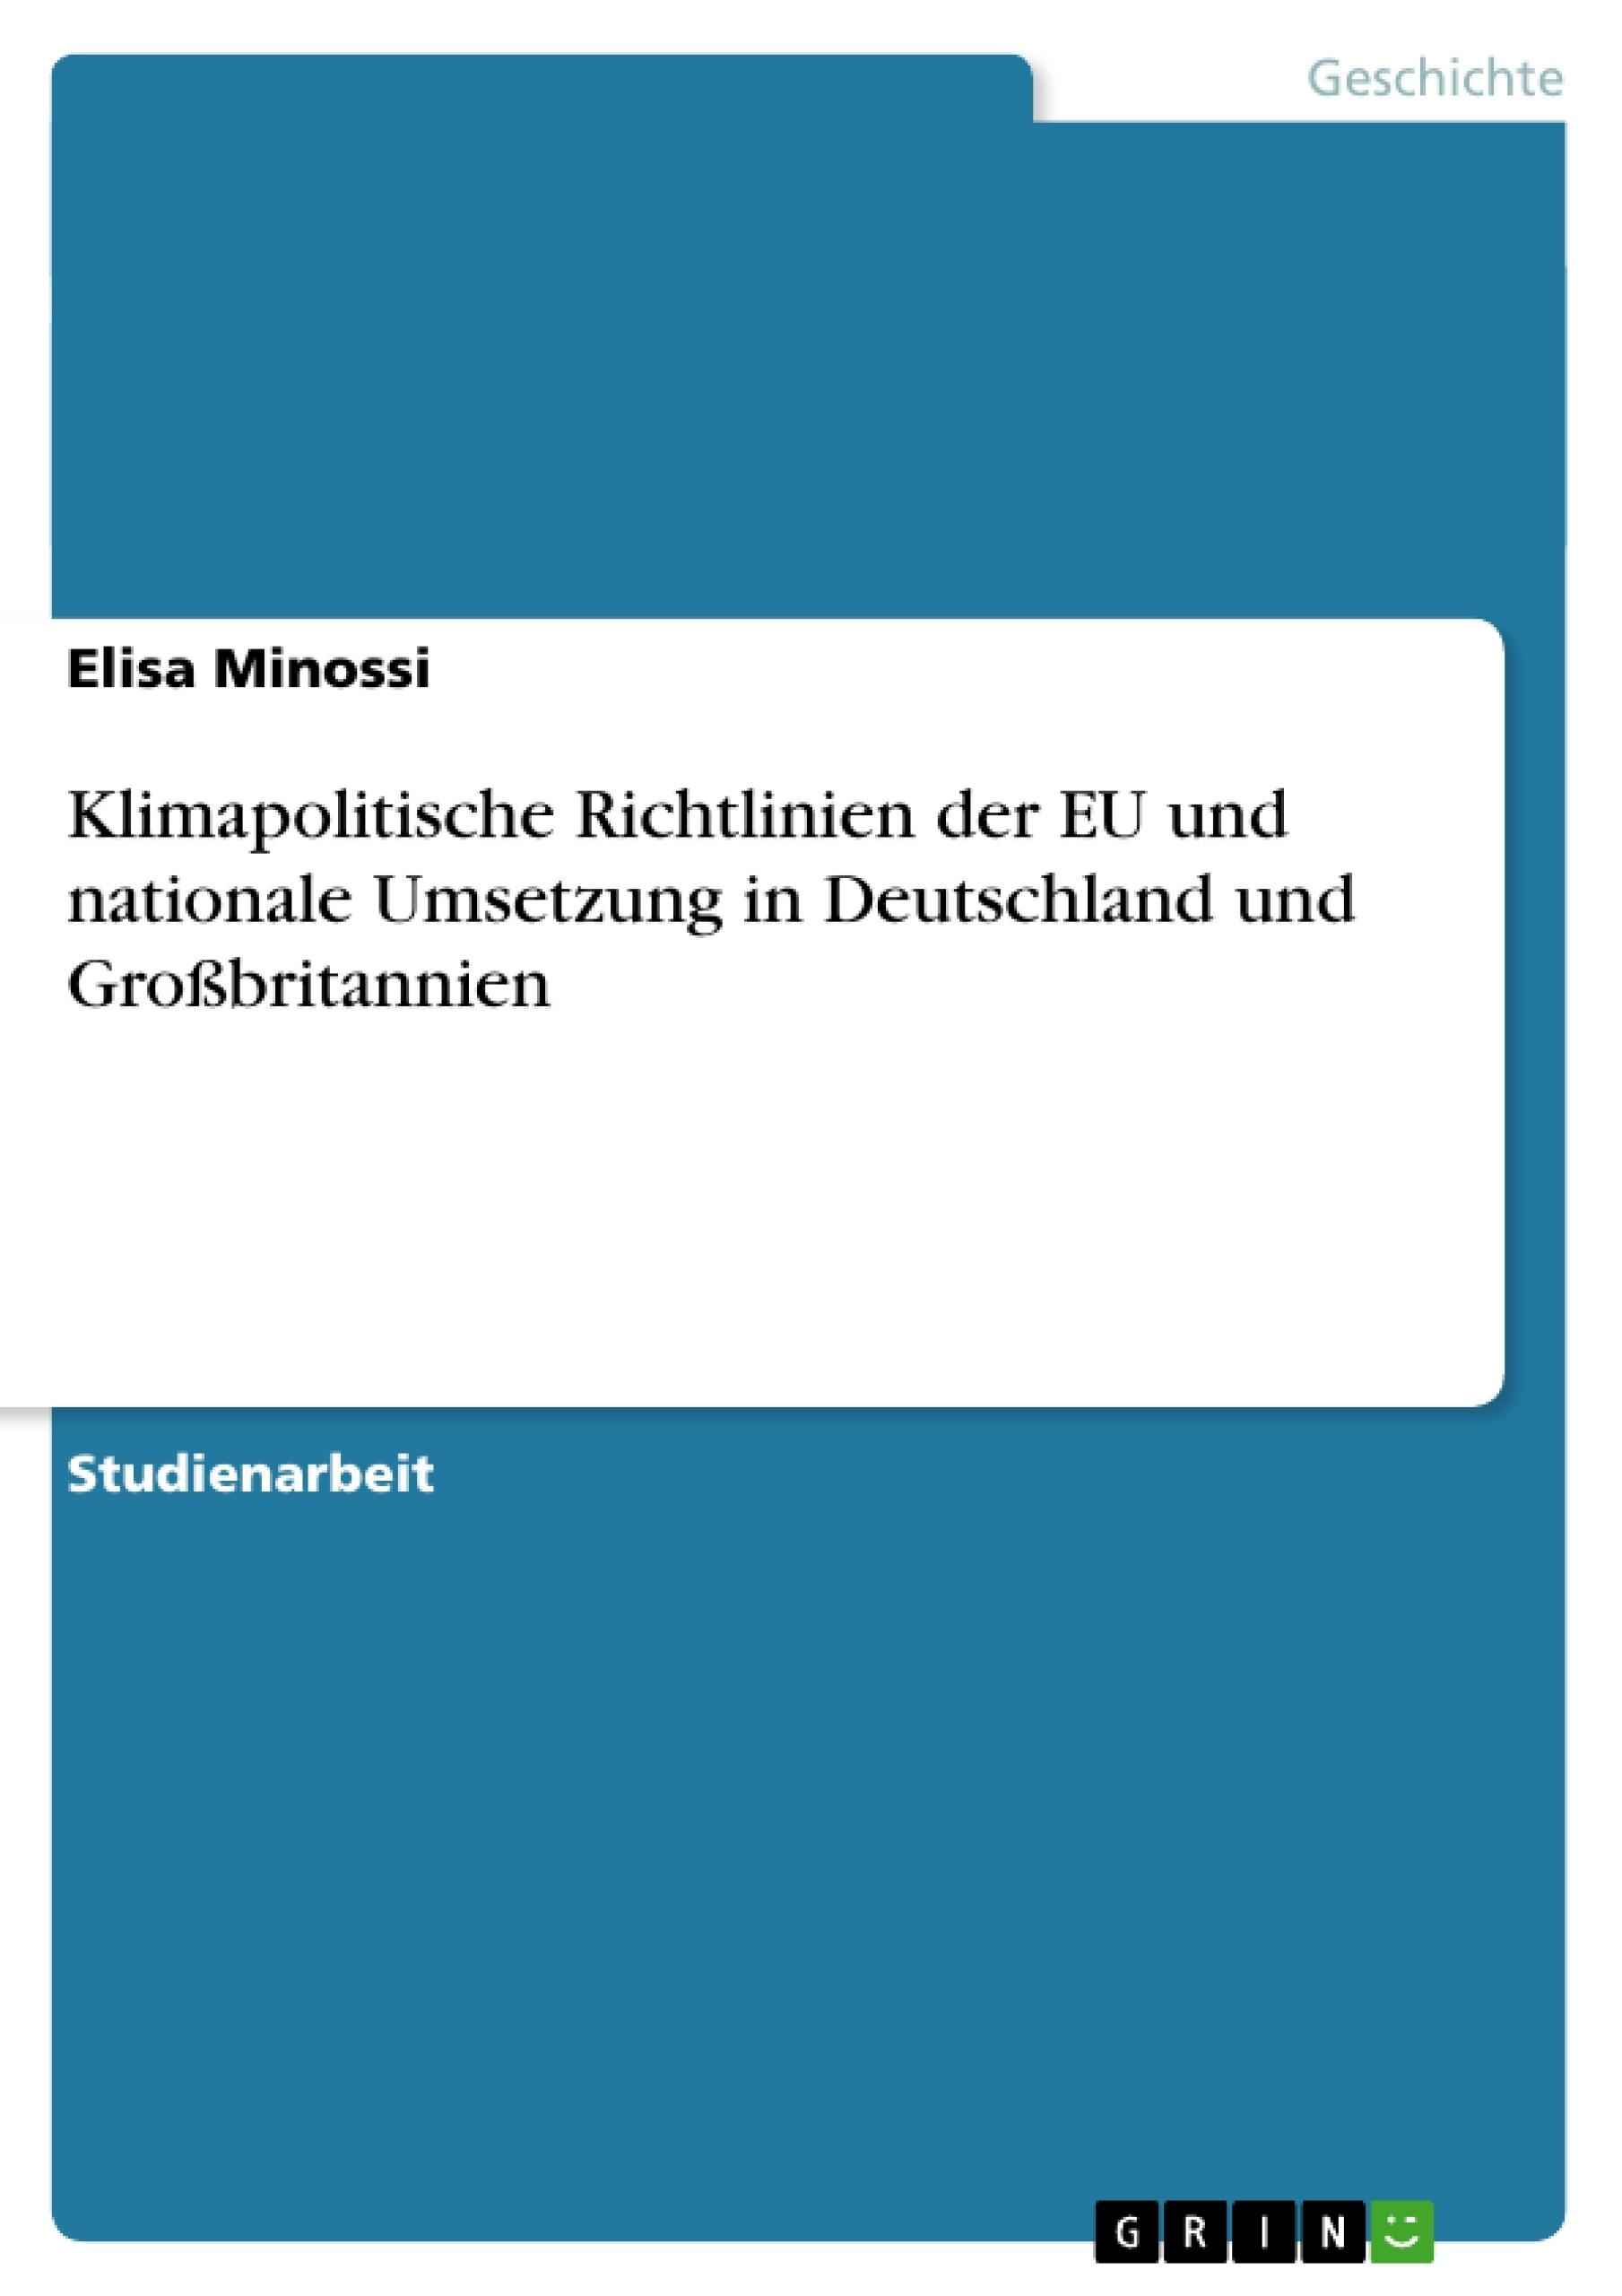 Titel: Klimapolitische Richtlinien der EU und nationale Umsetzung in Deutschland und Großbritannien